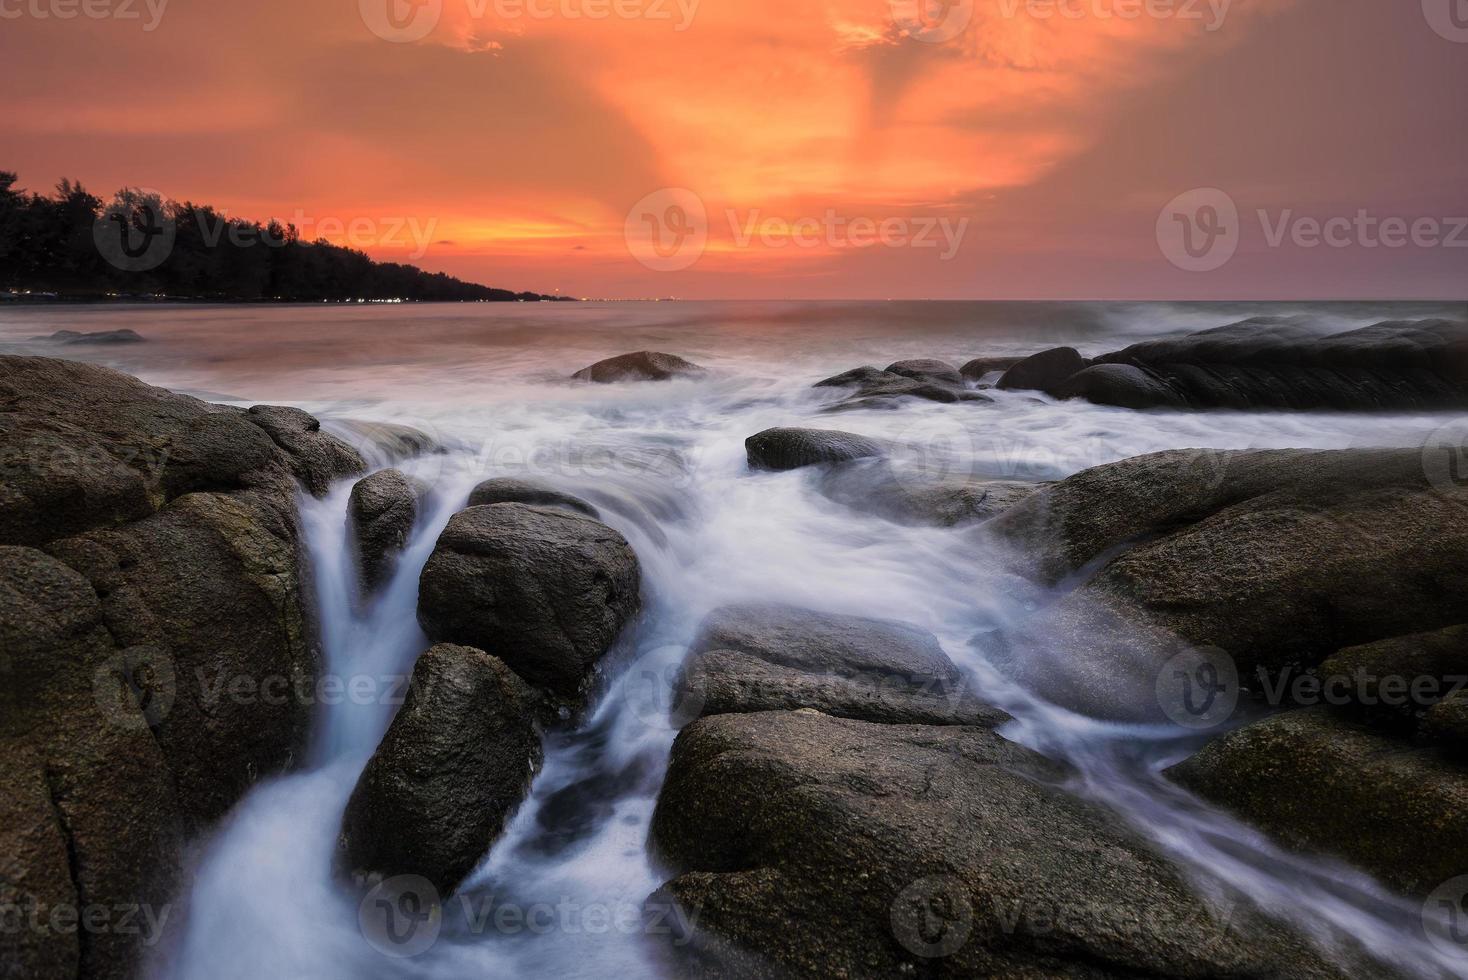 noite luz pôr do sol ondas do mar espirrando pedras foto